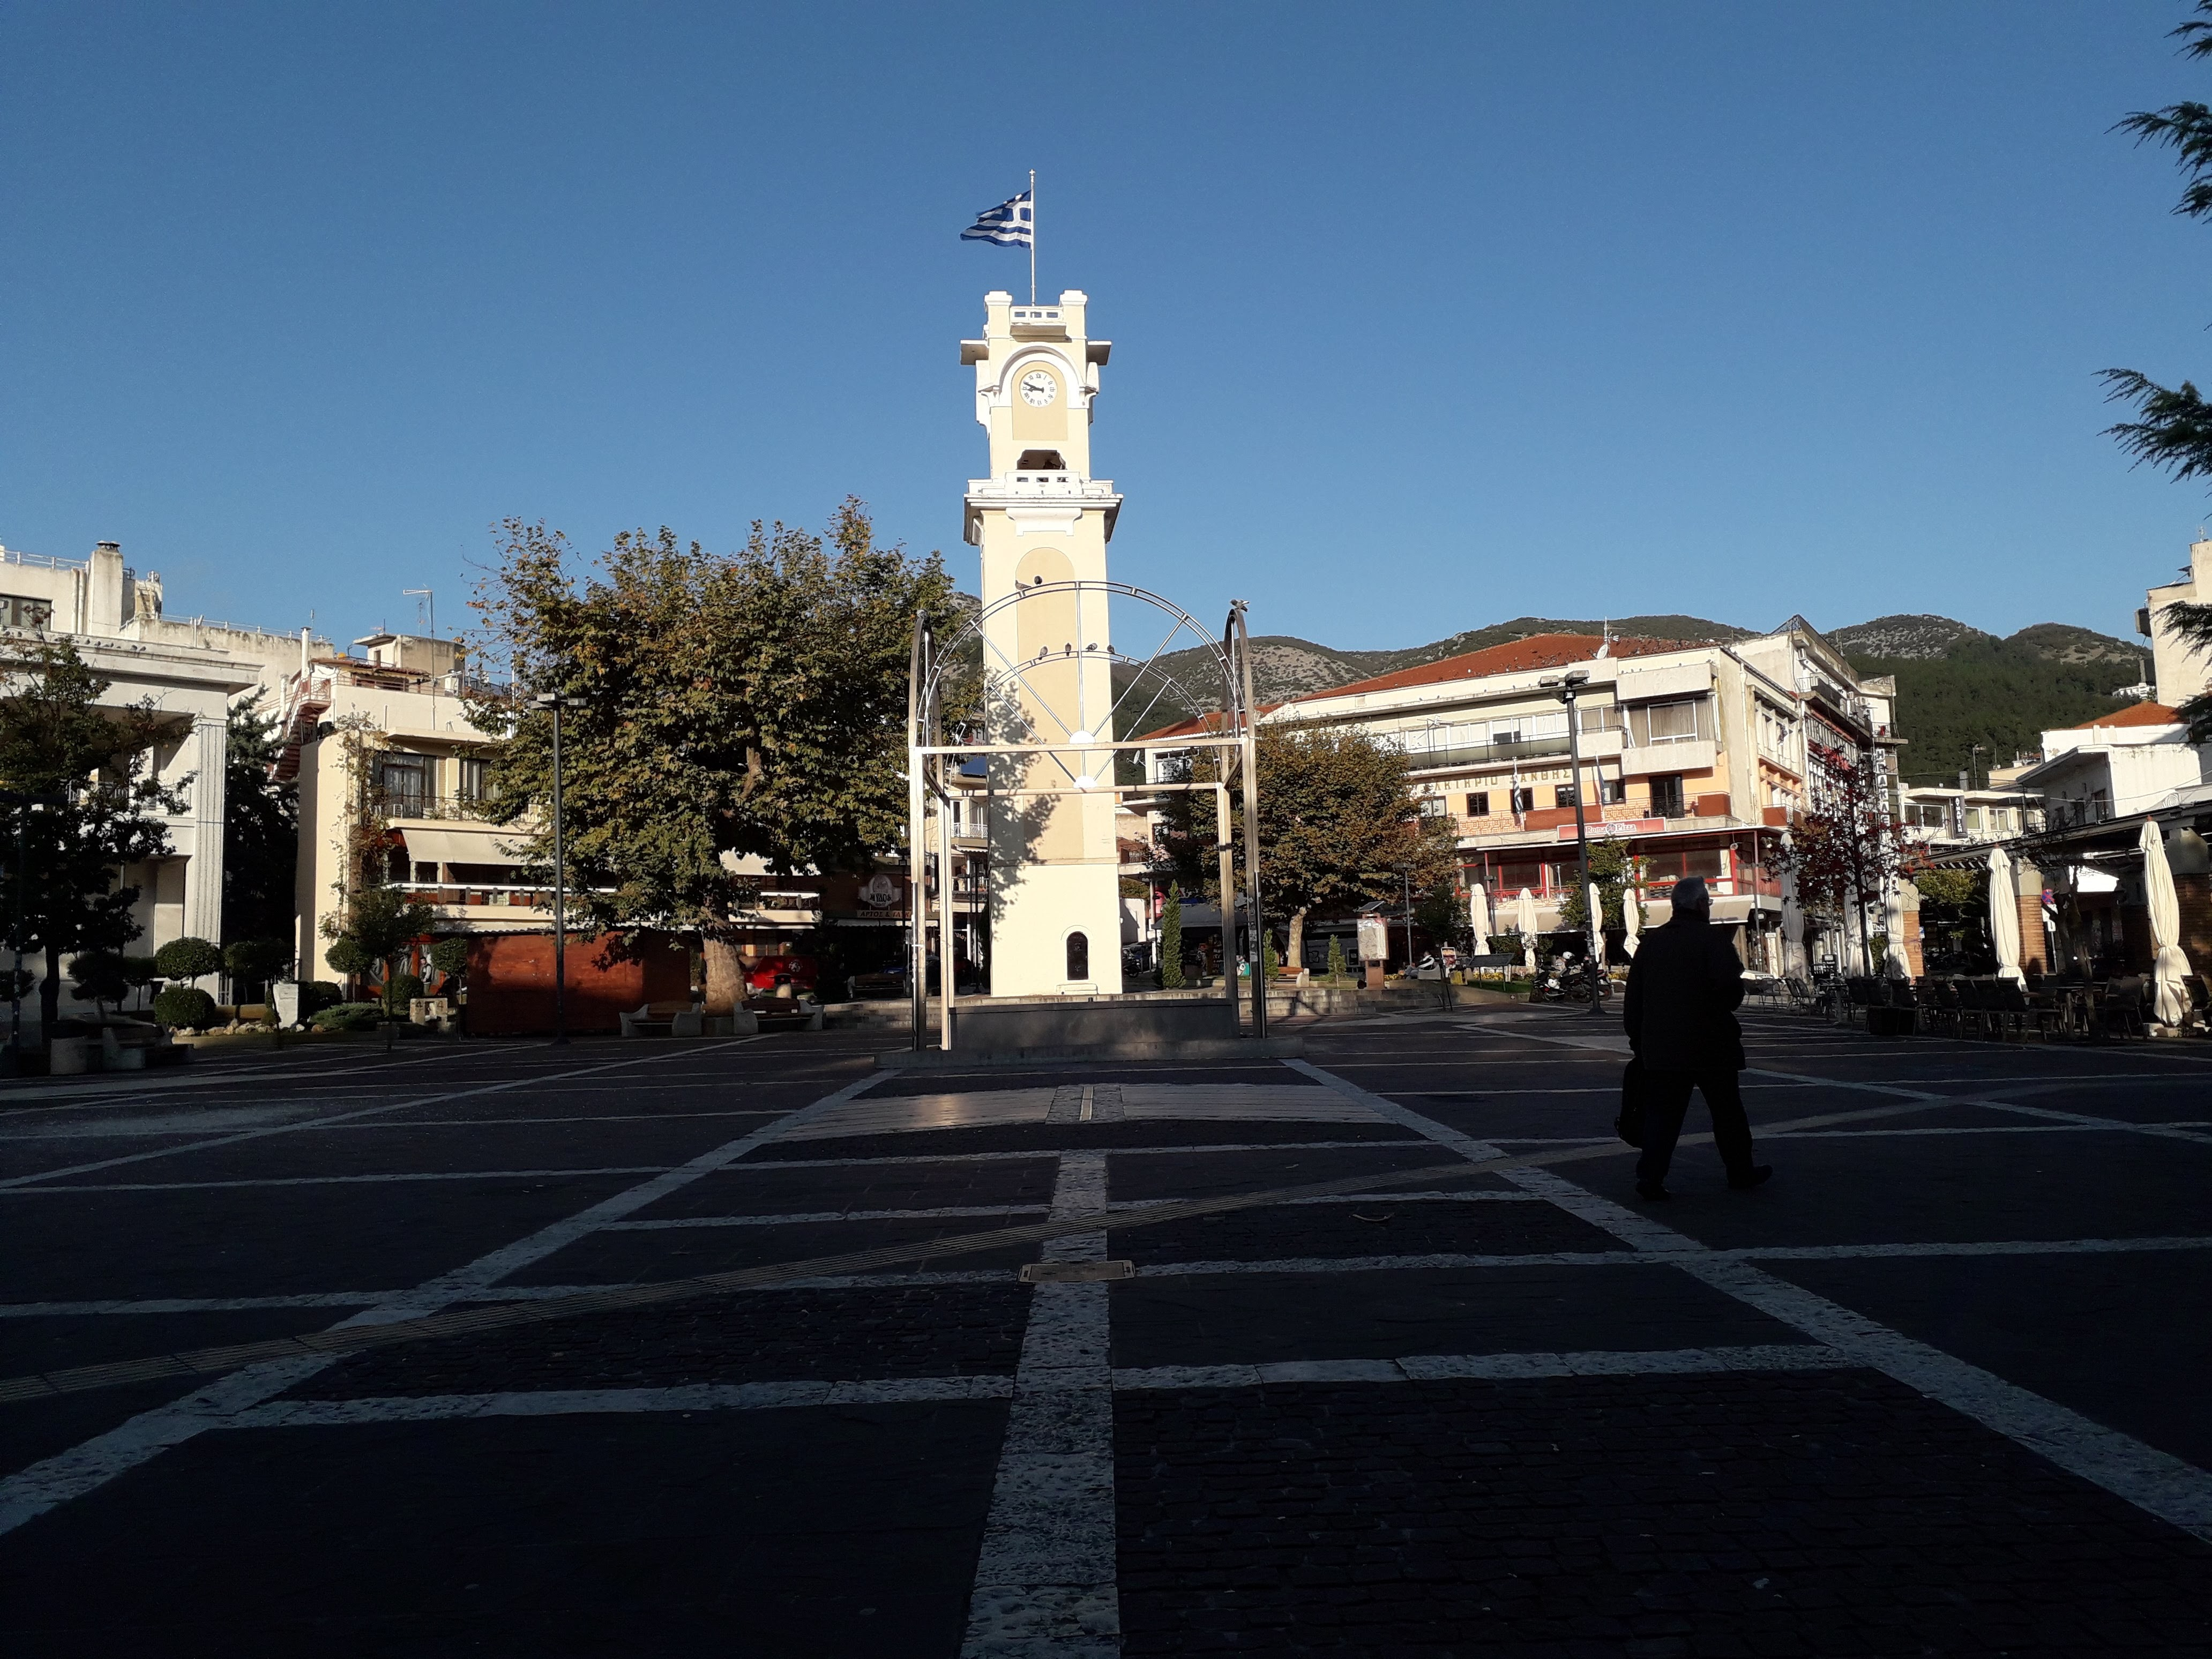 Γεωργιάδης: Με ποια σειρά θα ανοίξουν τα καταστήματα